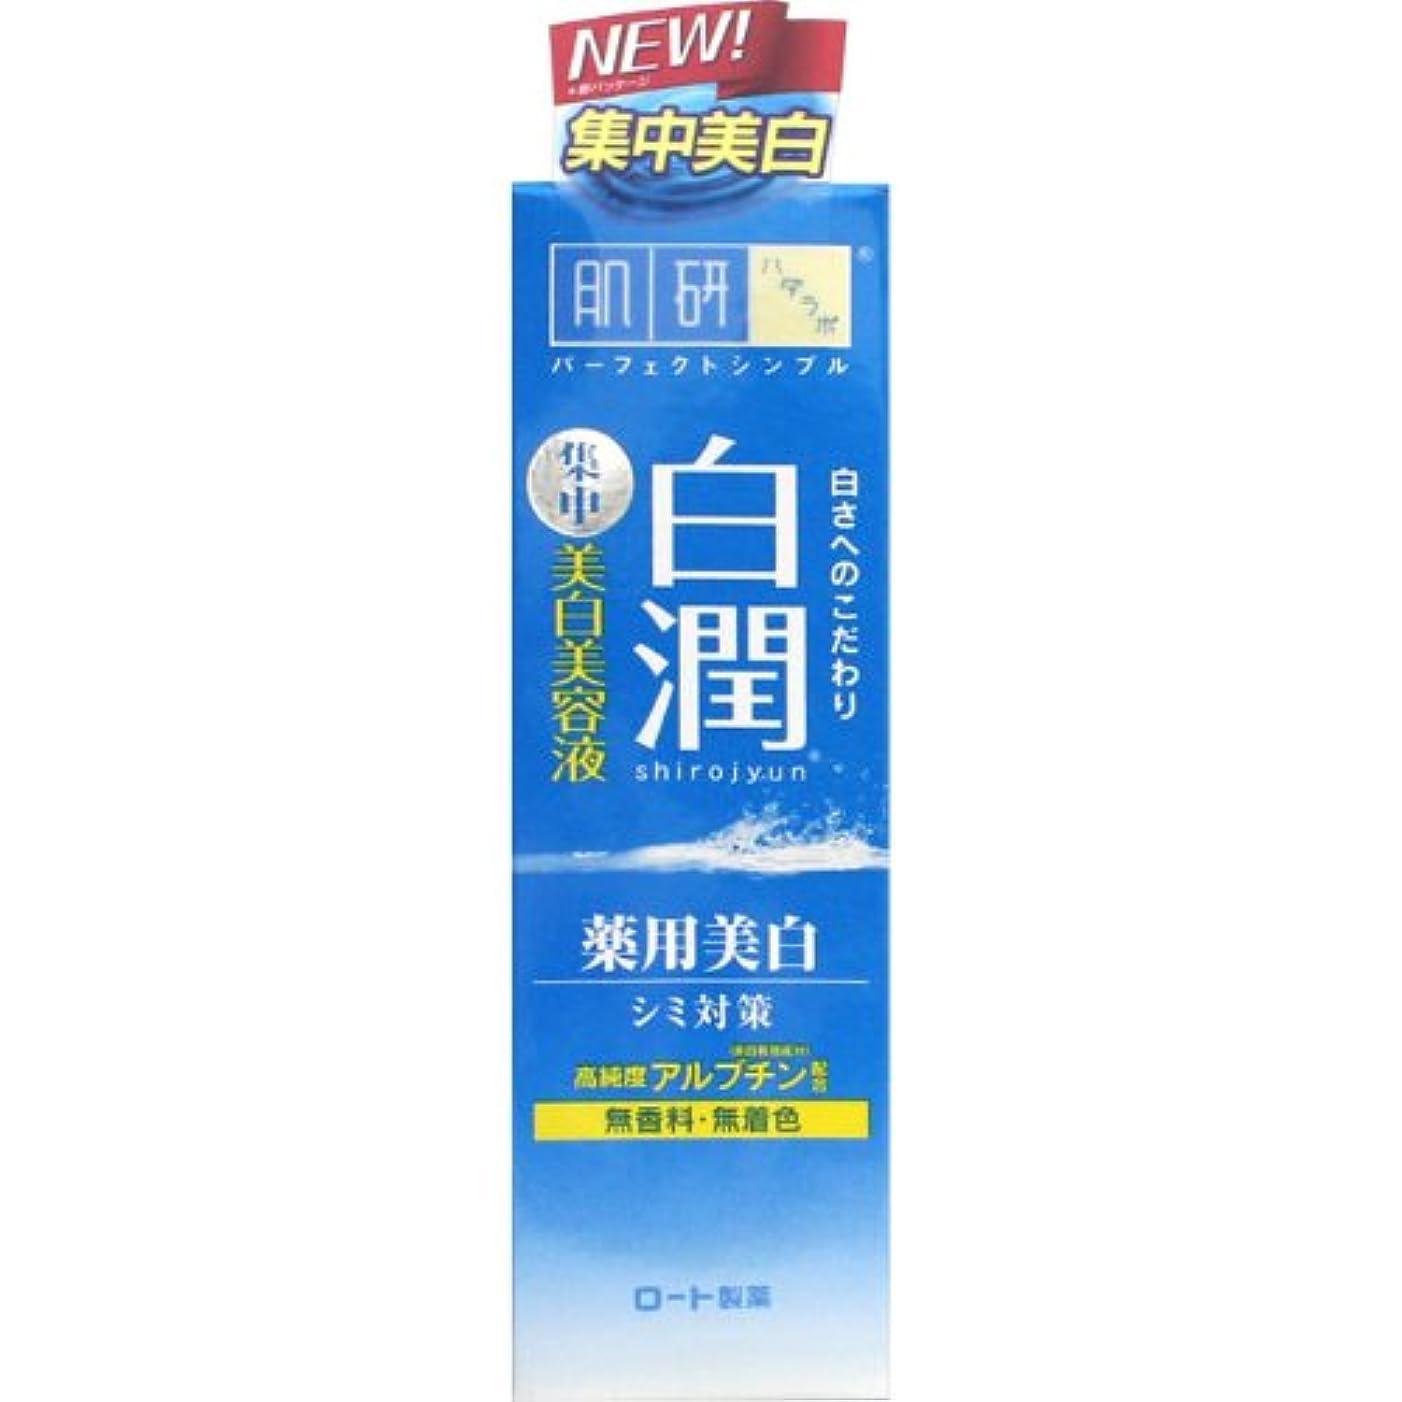 基礎コカインシュガー【医薬部外品】肌研(ハダラボ) 白潤 薬用美白美容液 30g